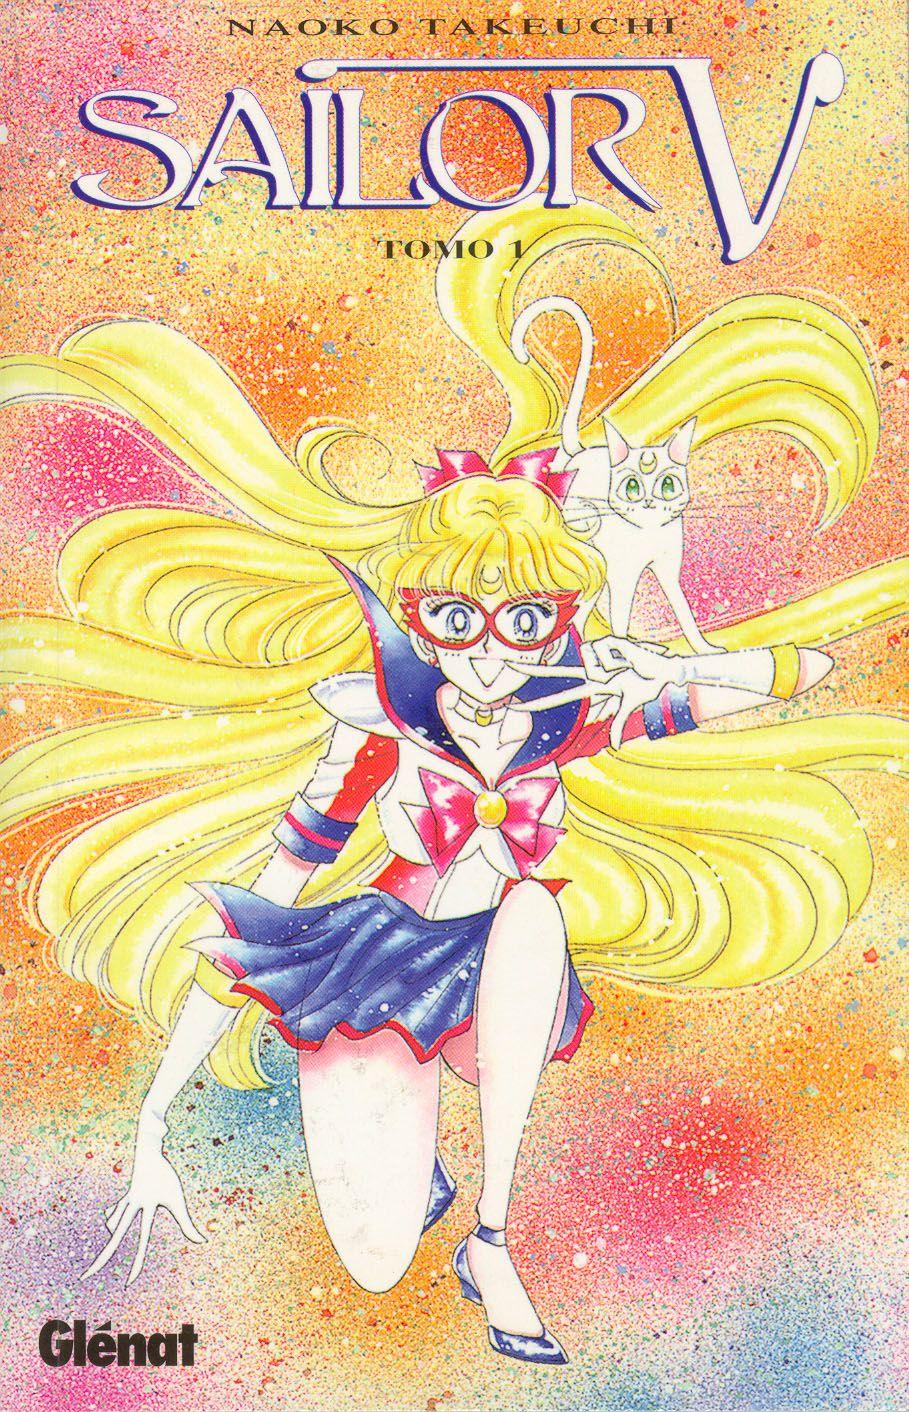 Sailor V by Naoko Takeuchi